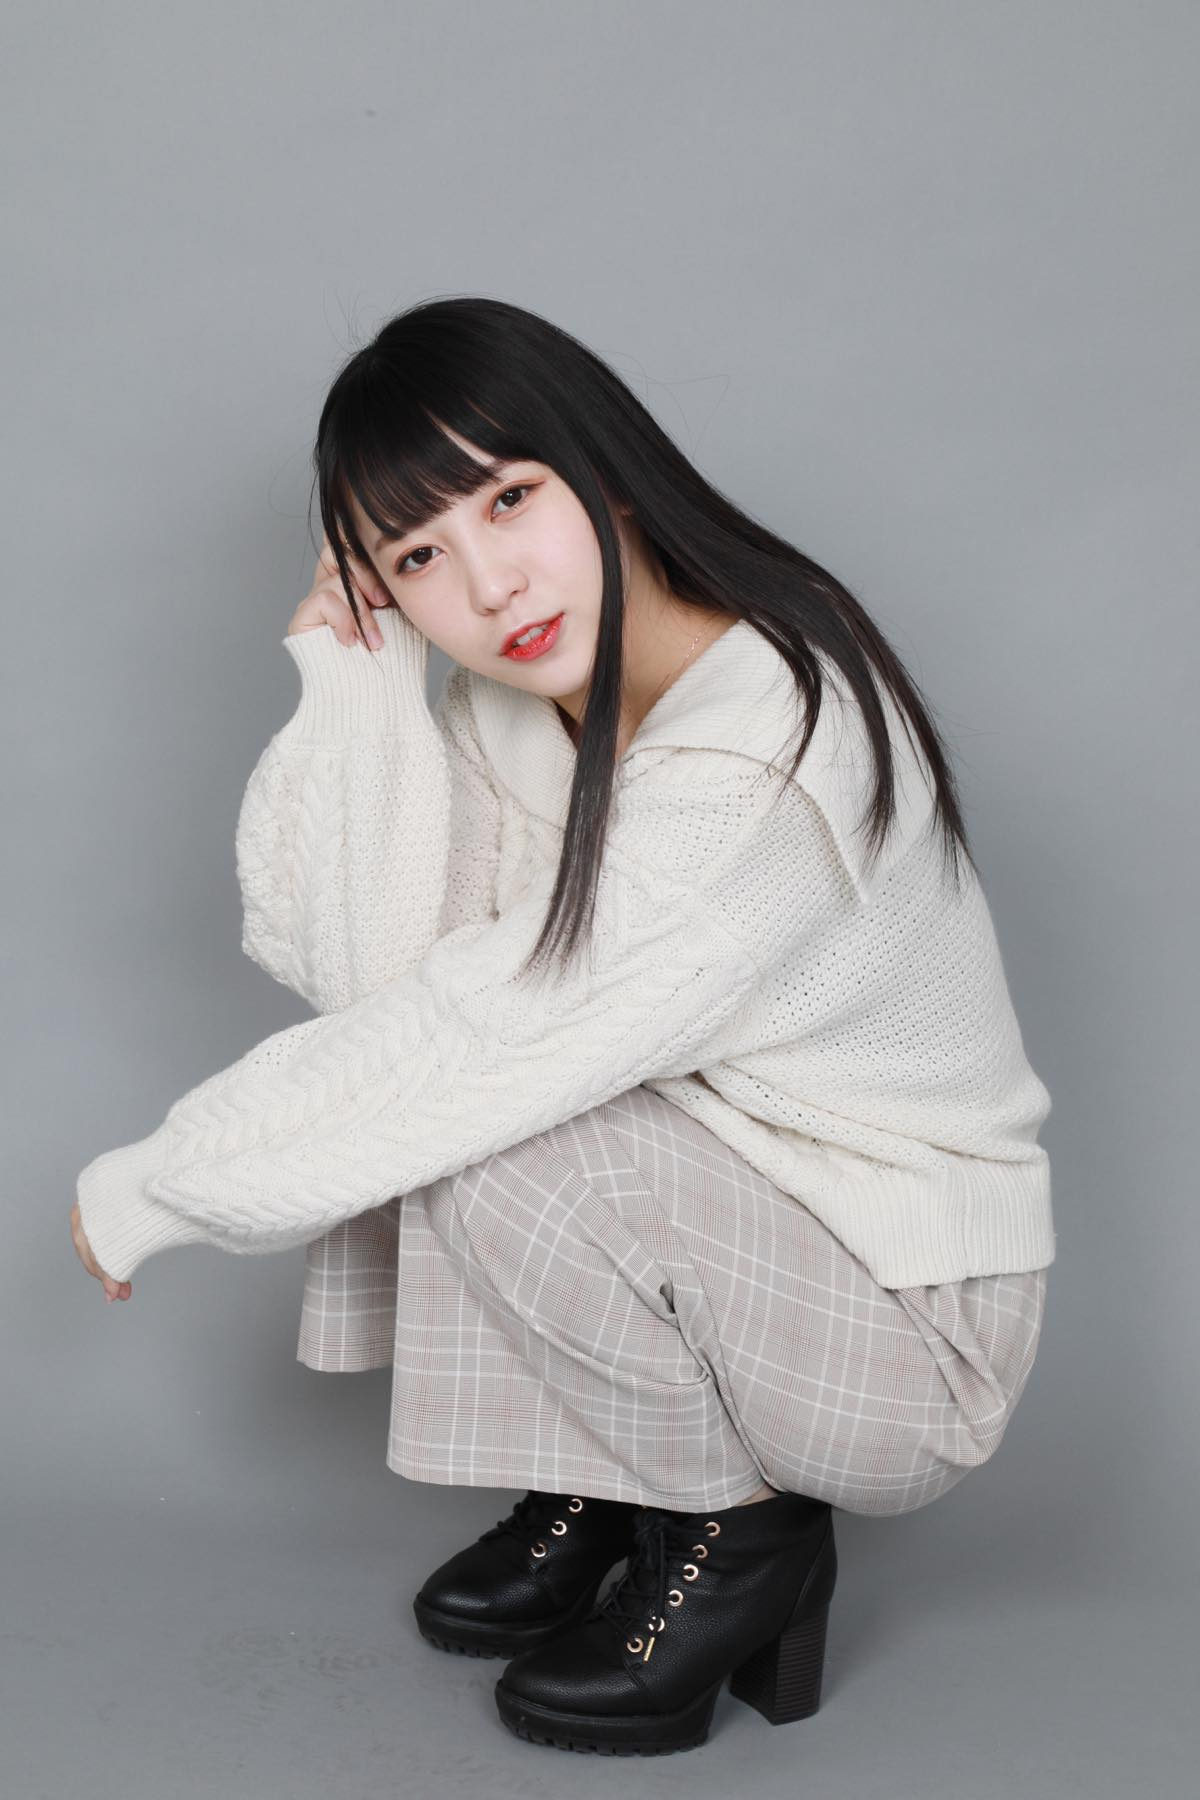 高木由莉愛の画像34